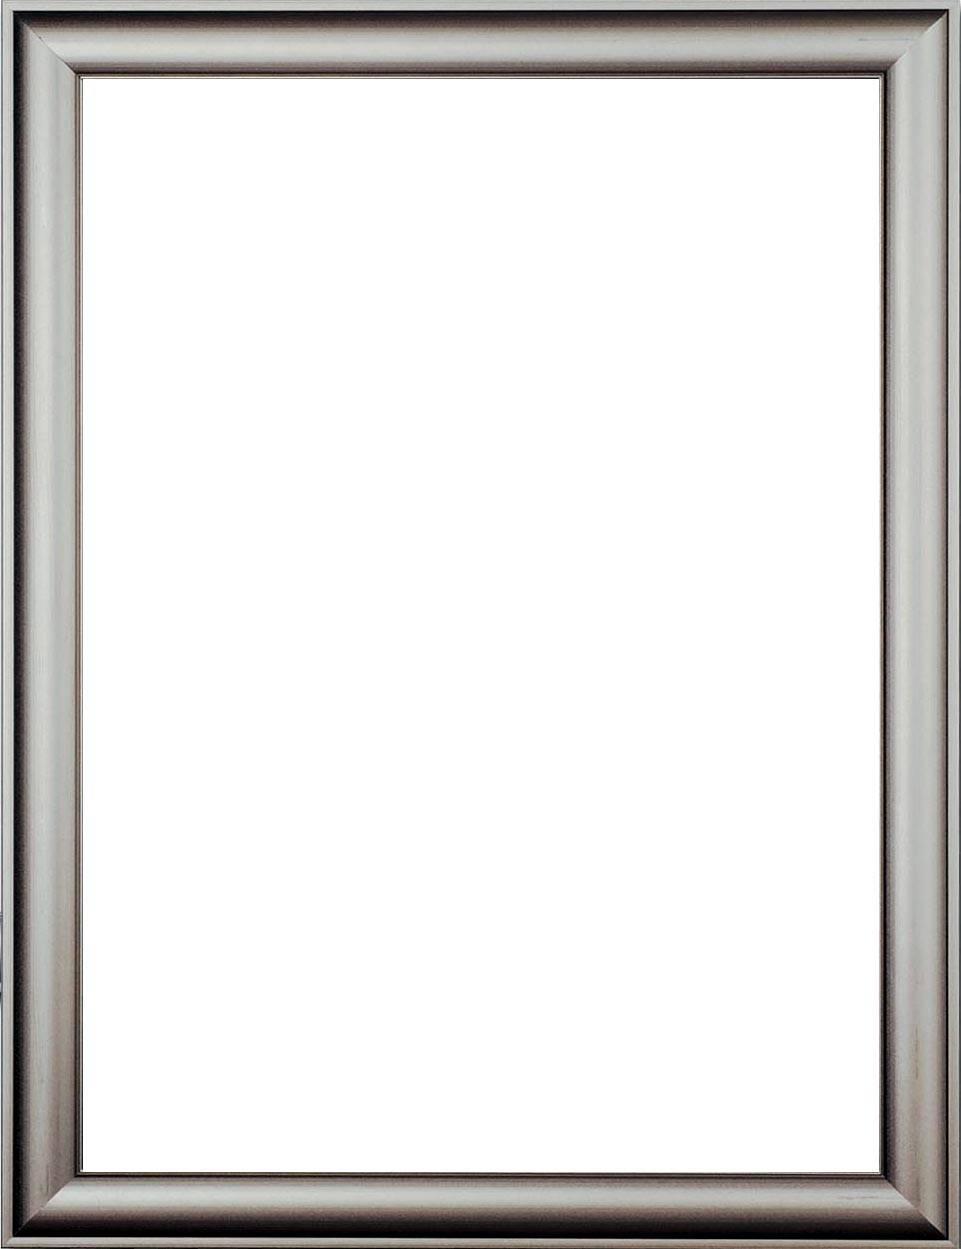 沈阳华美铝材有限公司是专业生产LED电子显示屏铝型材、画框铝型材、海报夹铝型材、海报架铝型材、广告、灯箱铝型材、展览展示八棱柱铝型材的技术性公司,集研发设计、生产制造、批发、零售为一体的铝合金型材专业生产商。我公司生产的铝型材边框,采用静电喷涂,高级电泳,磨沙氧化,也可按客户要求另行调色生产,提供样品。